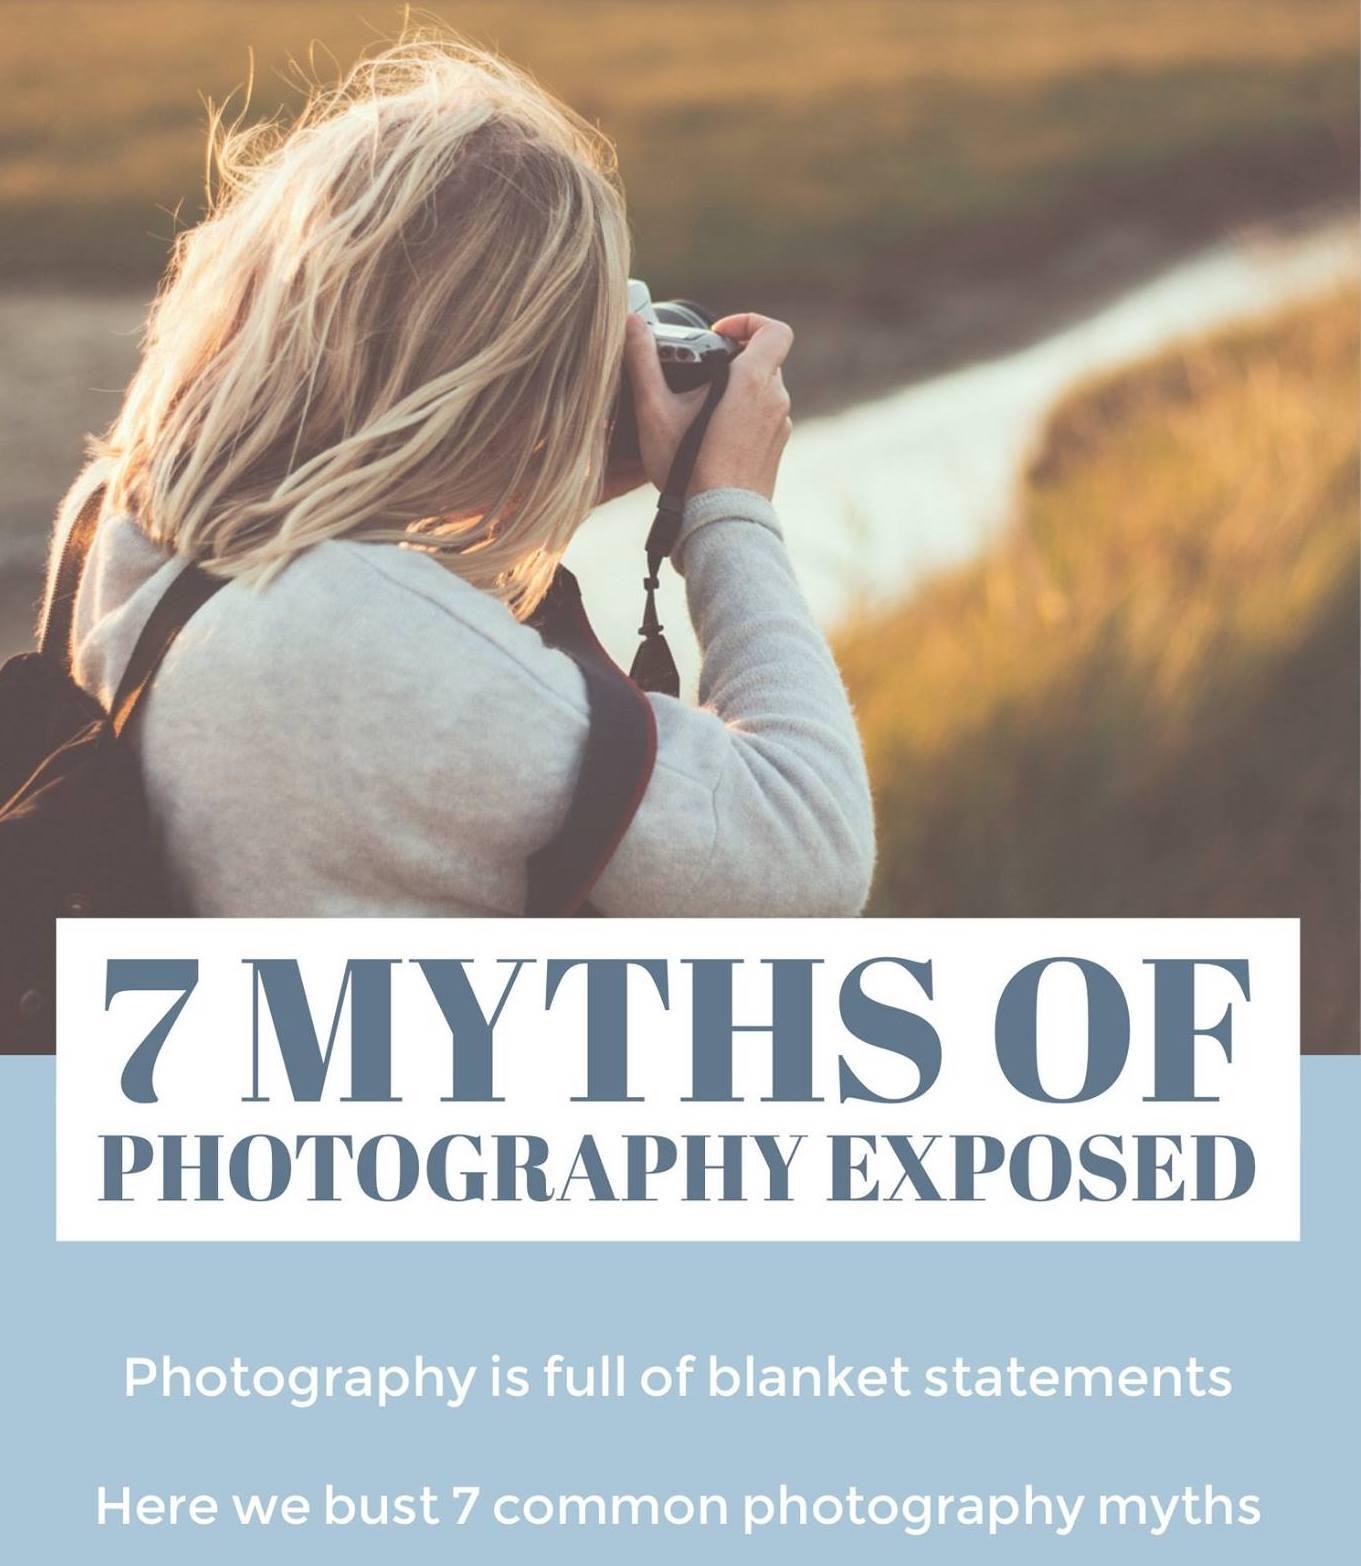 Photography myths